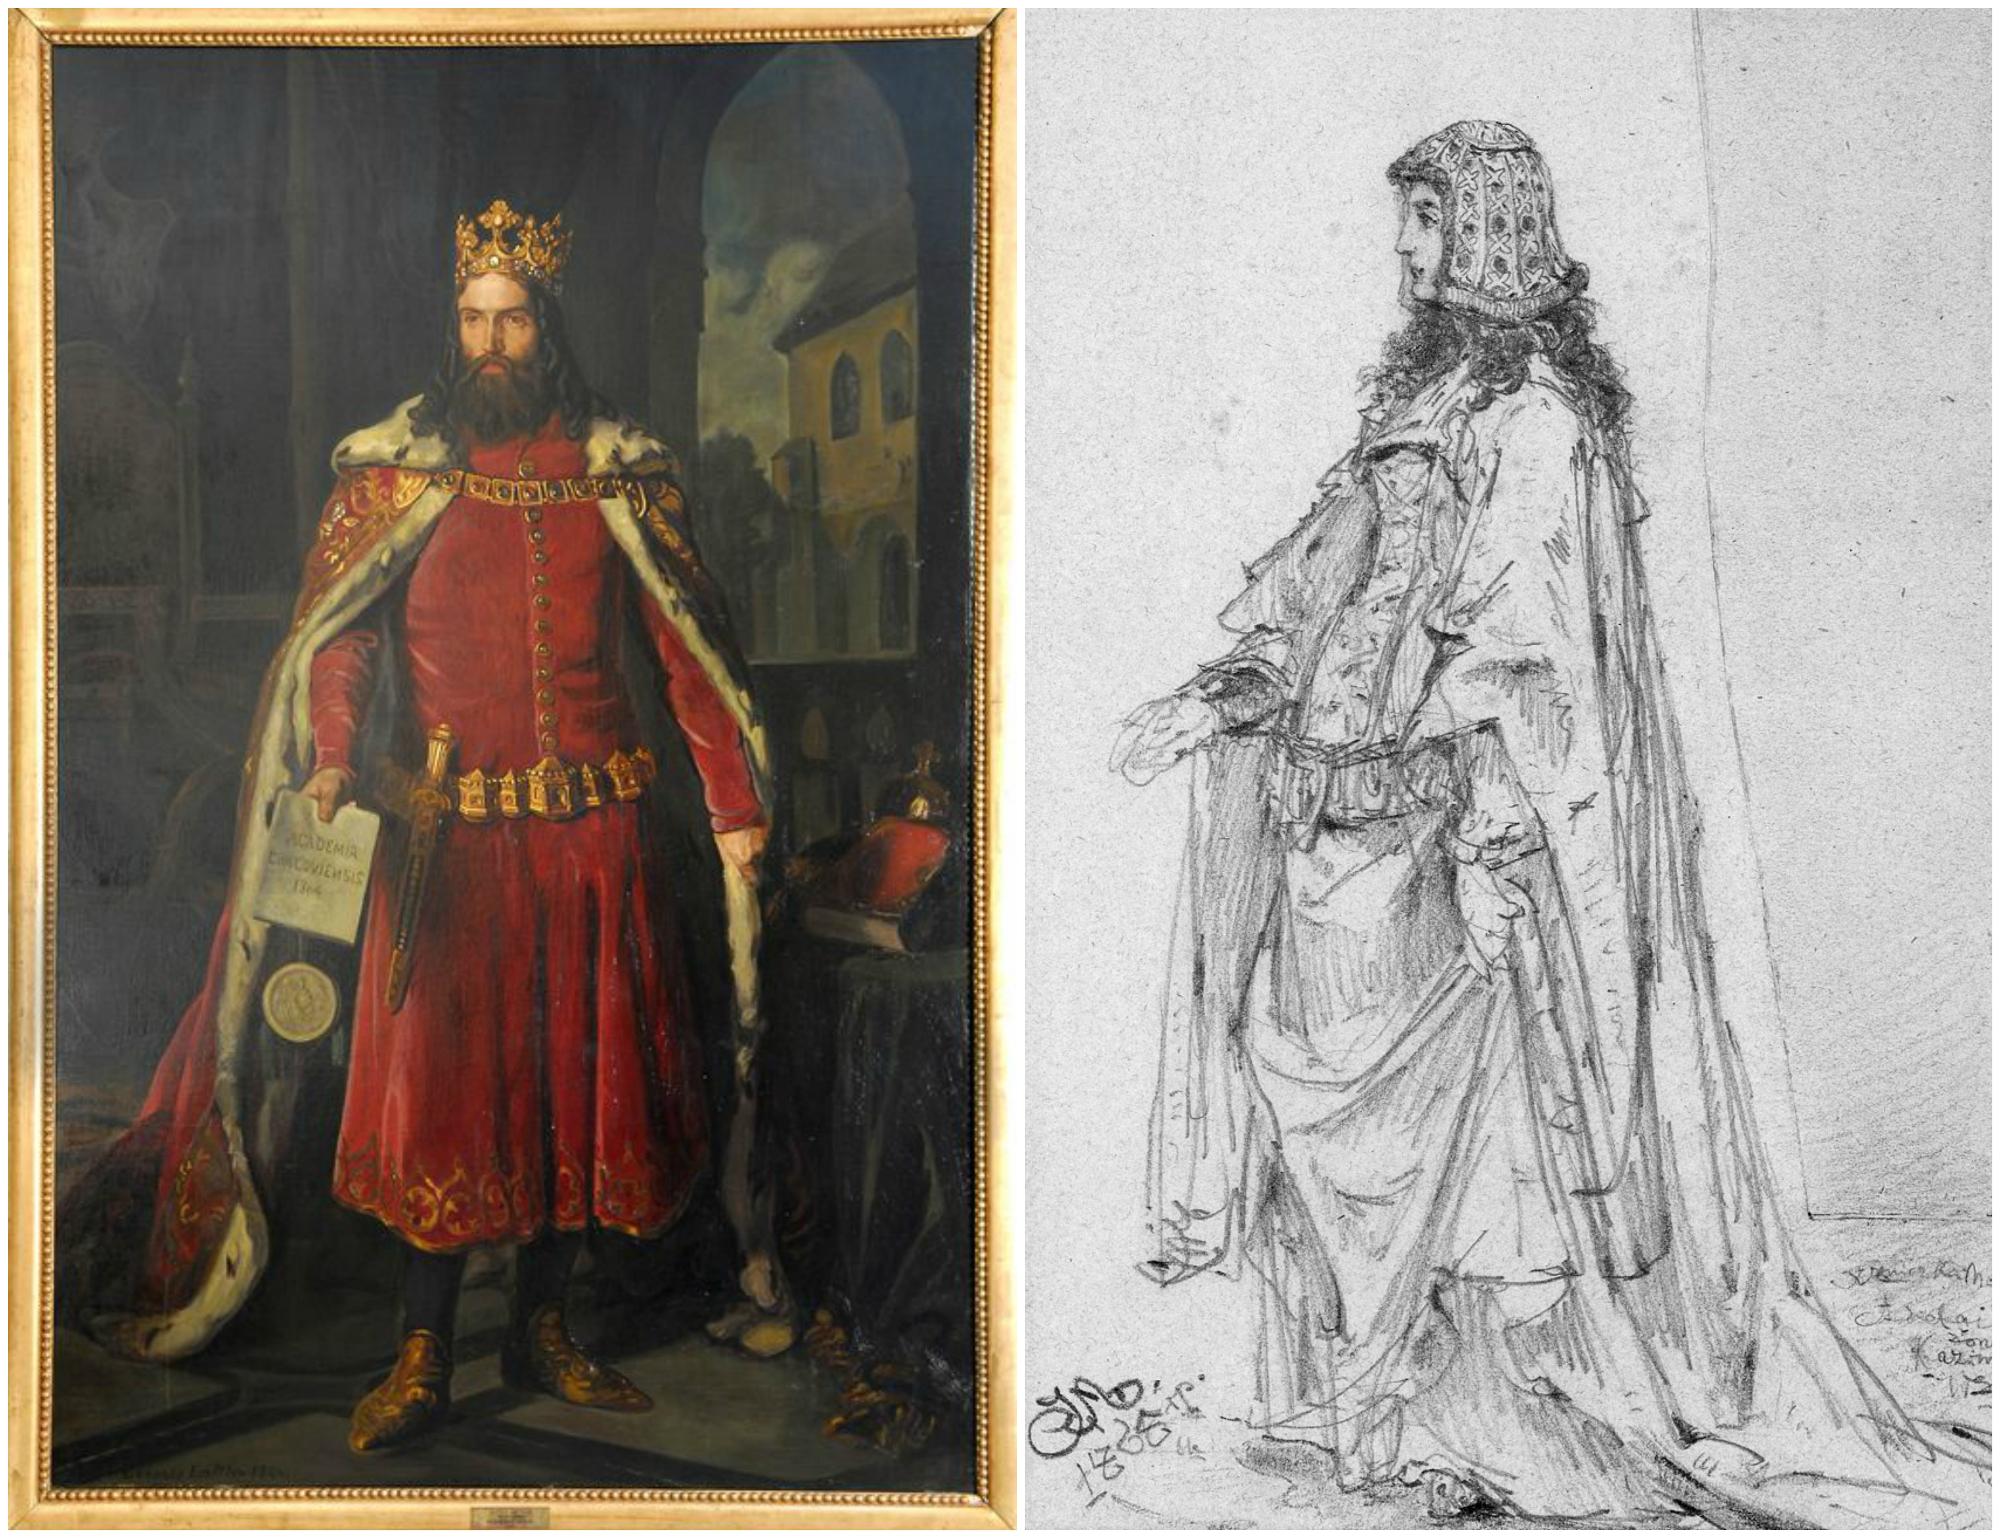 Z lewej Kazimierz Wielki na portrecie Leopolda Loefflera. Z prawej Adelajda Heska, druga żona króla, sportretowana przez Jana Matejko w 1865 r. (fot. Muzeum Narodowe w War